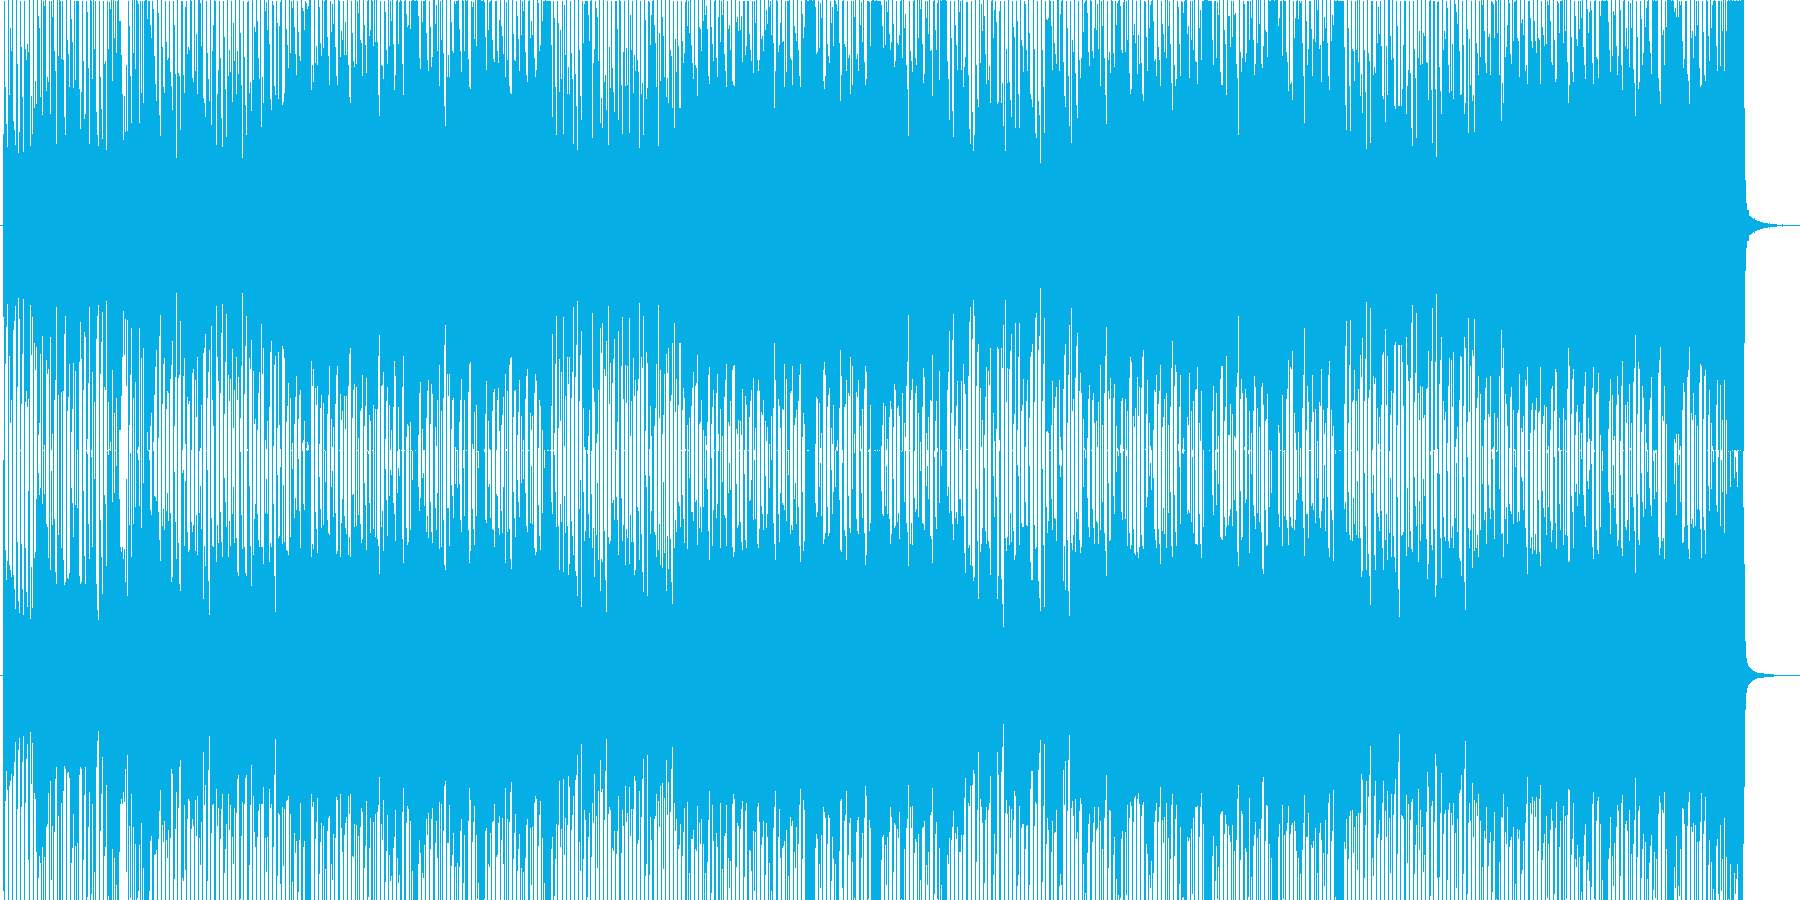 疾走感ある爽やかロック☆メロ無・長尺の再生済みの波形